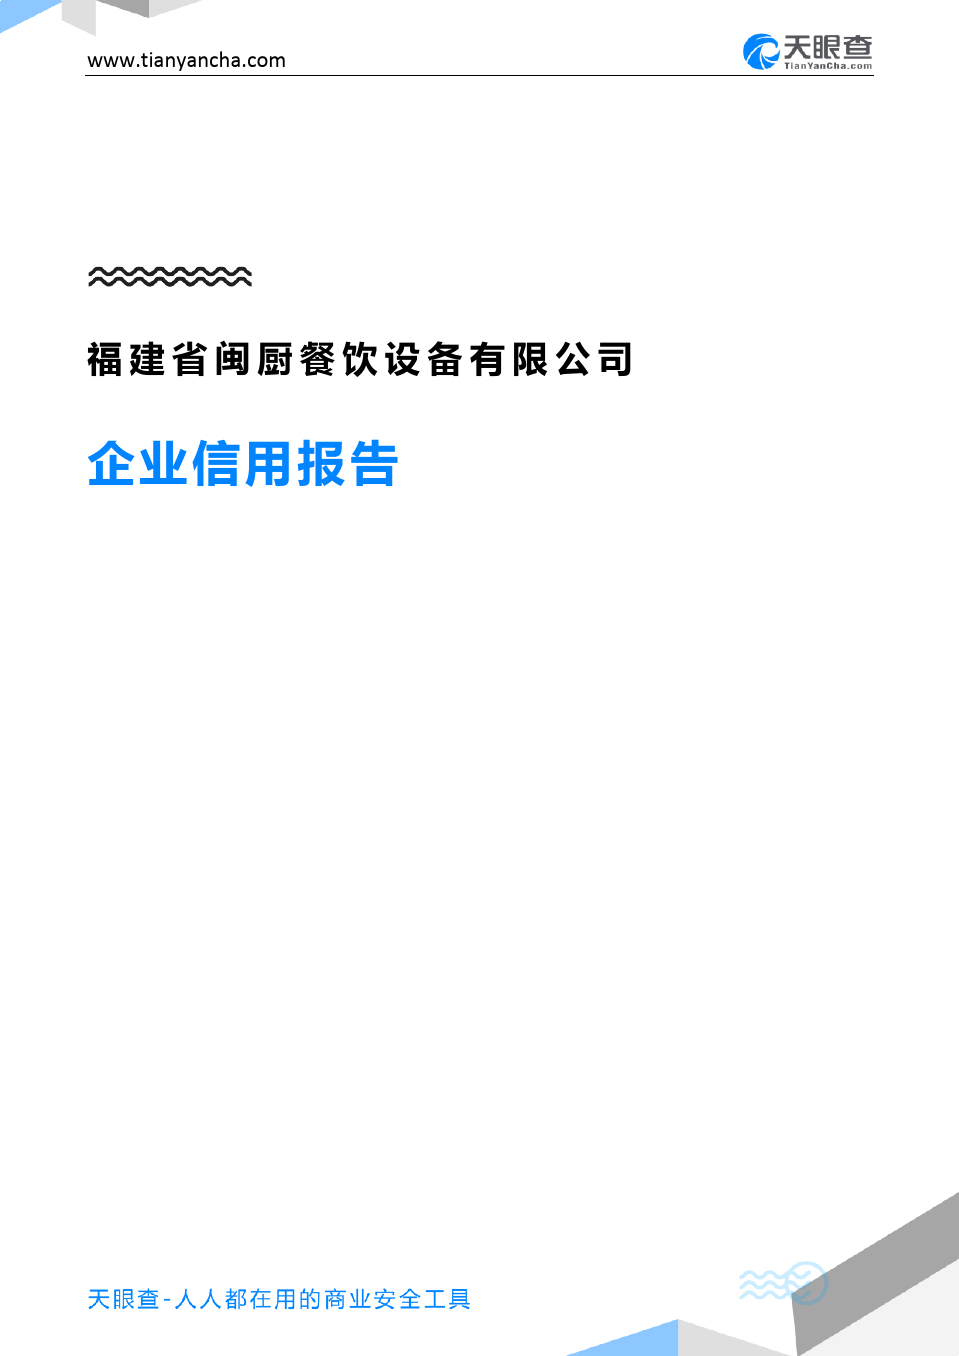 福建省闽厨餐饮设备有限公司(企业信用报告)- 天眼查